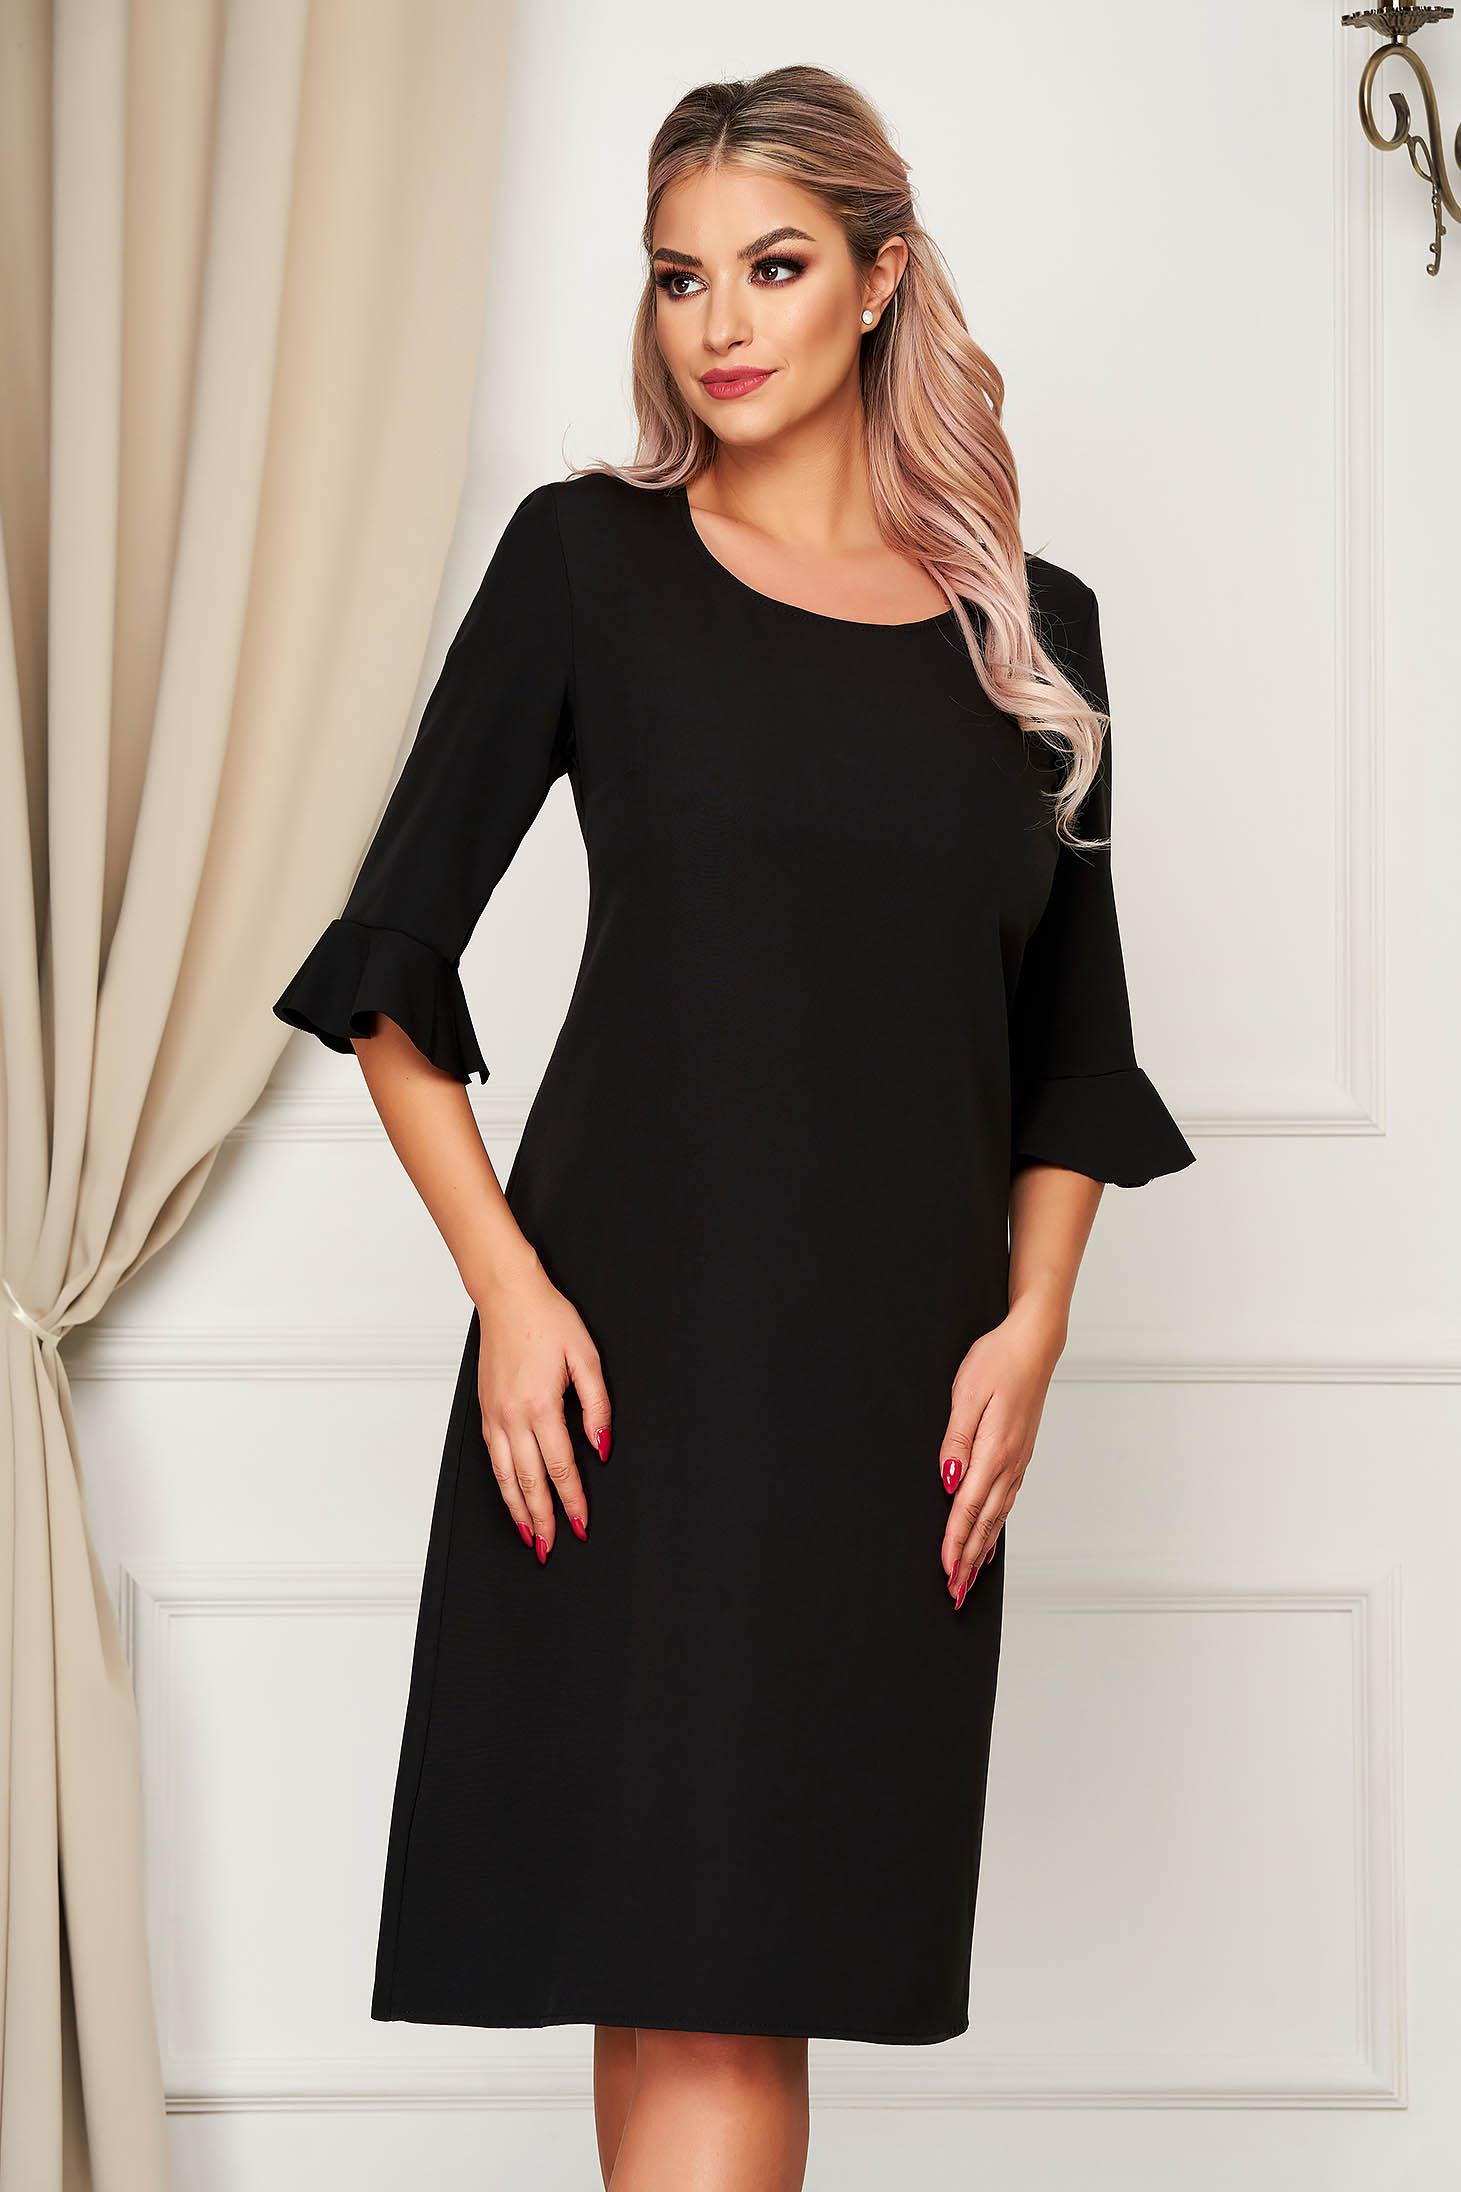 Fekete elegáns egyenes midi ruha rugalmatlan szövetből